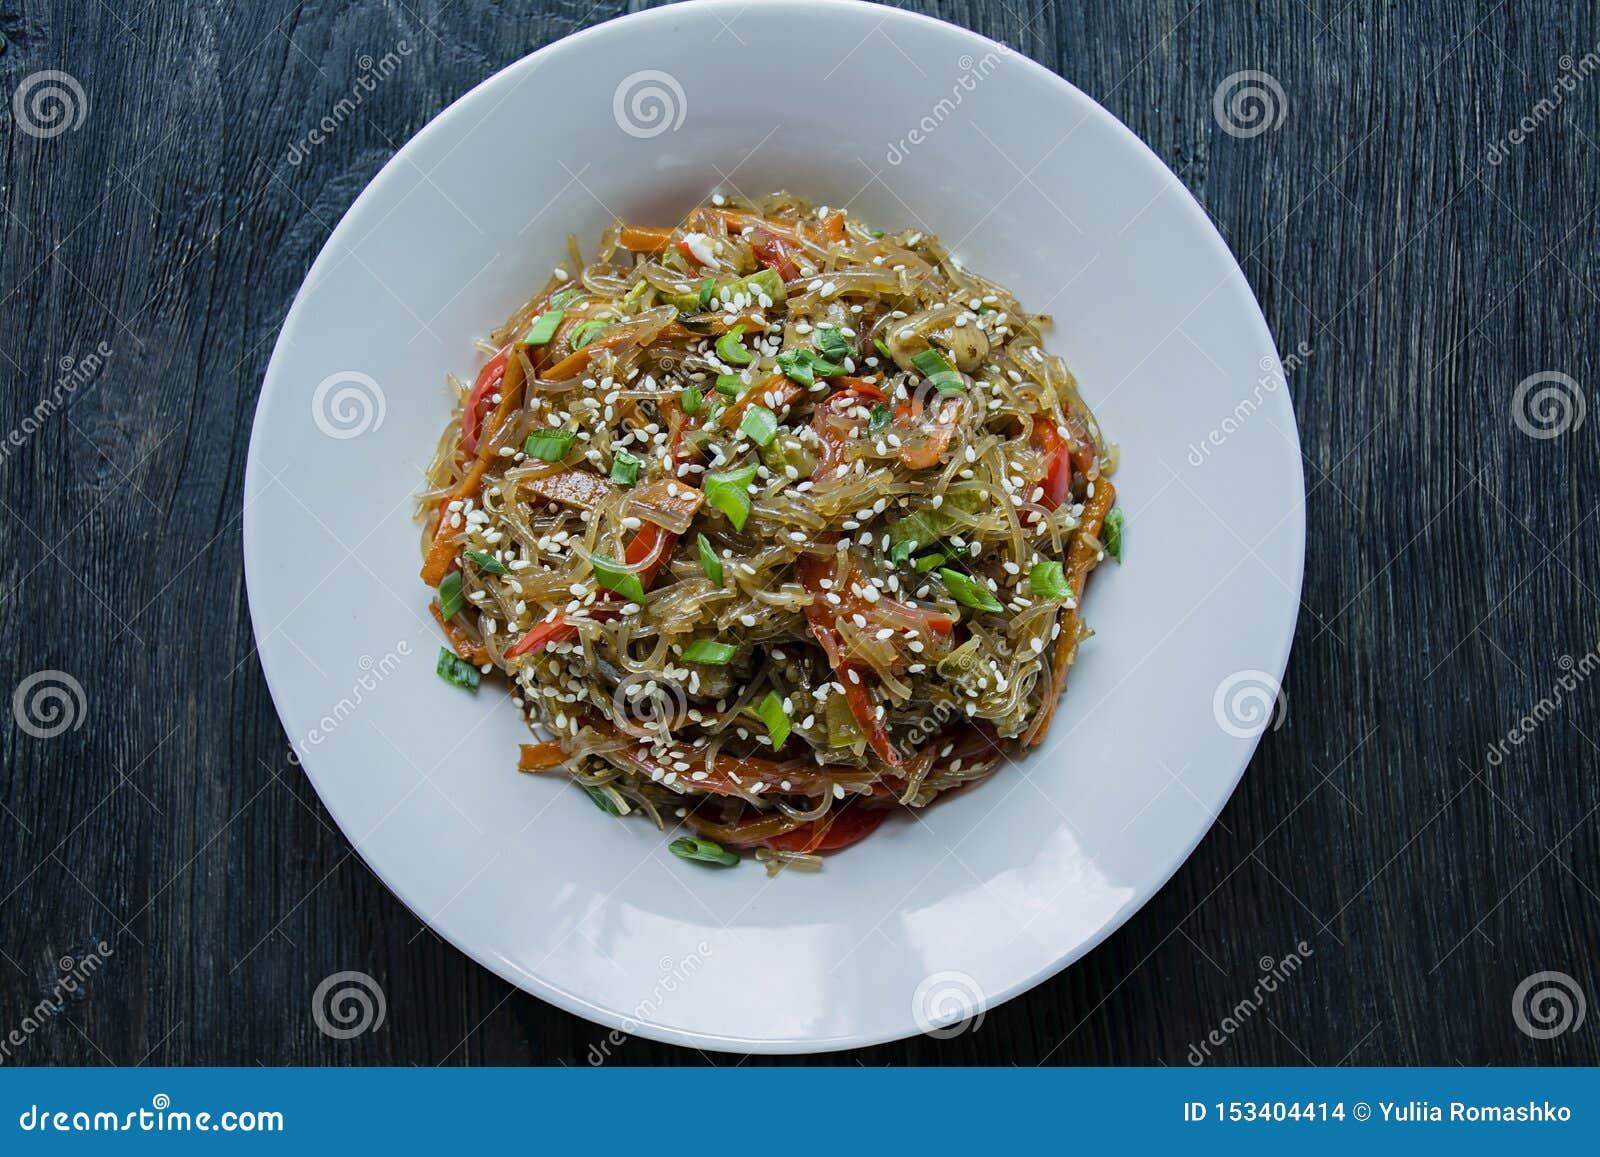 Asiatische Kche Salat Von Zellophannudeln, Gebraten Mit Dem Gemse, Verziert Mit Grns Und ...